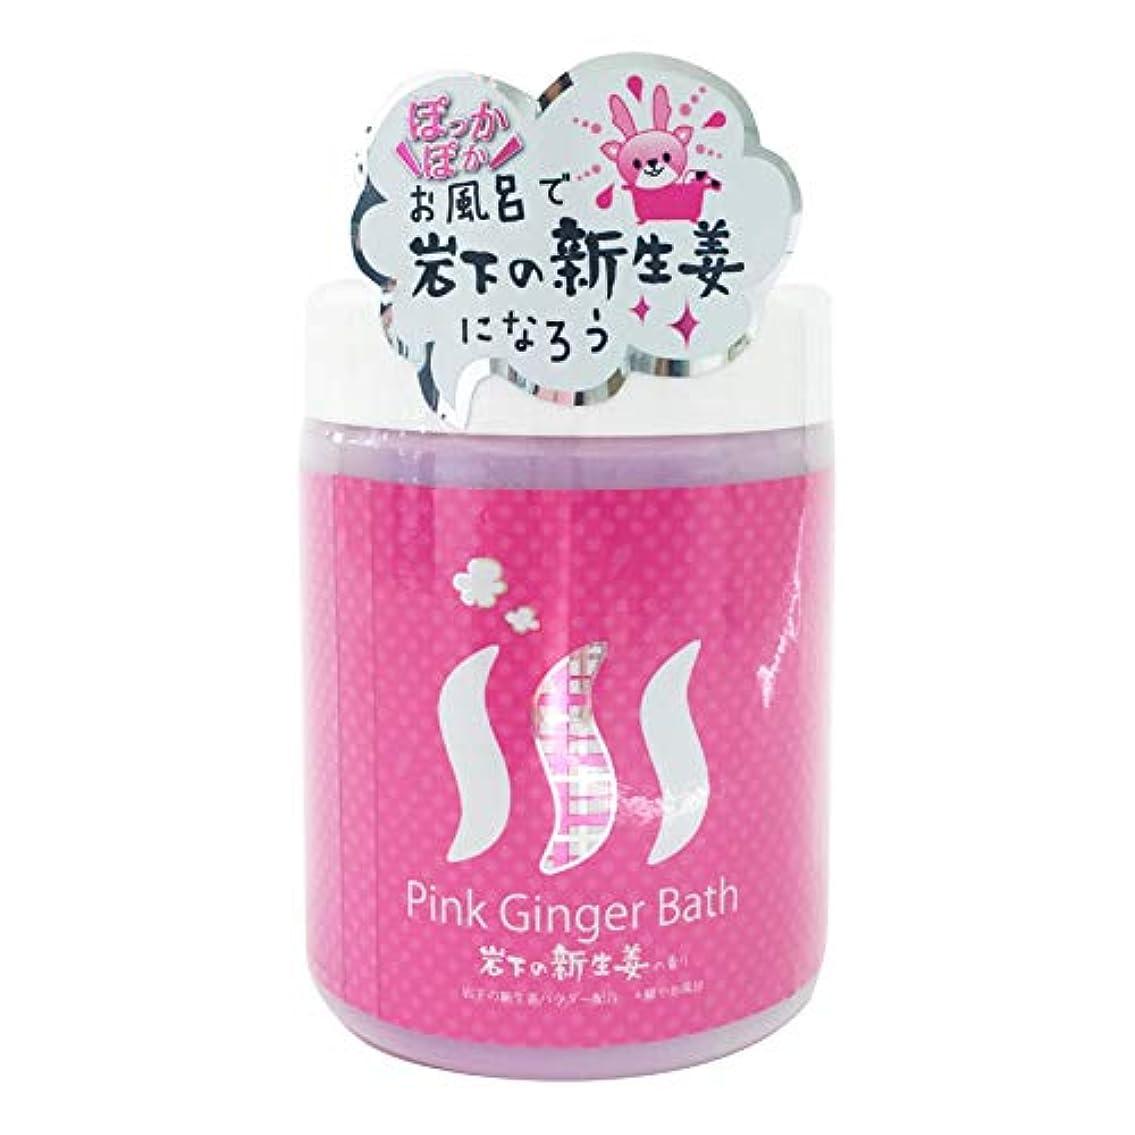 素晴らしいです雪のハグピンク ジンジャー バス 入浴剤 岩下 の 新生姜 の 香り 370g(7回分) 数量限定 温活 生姜